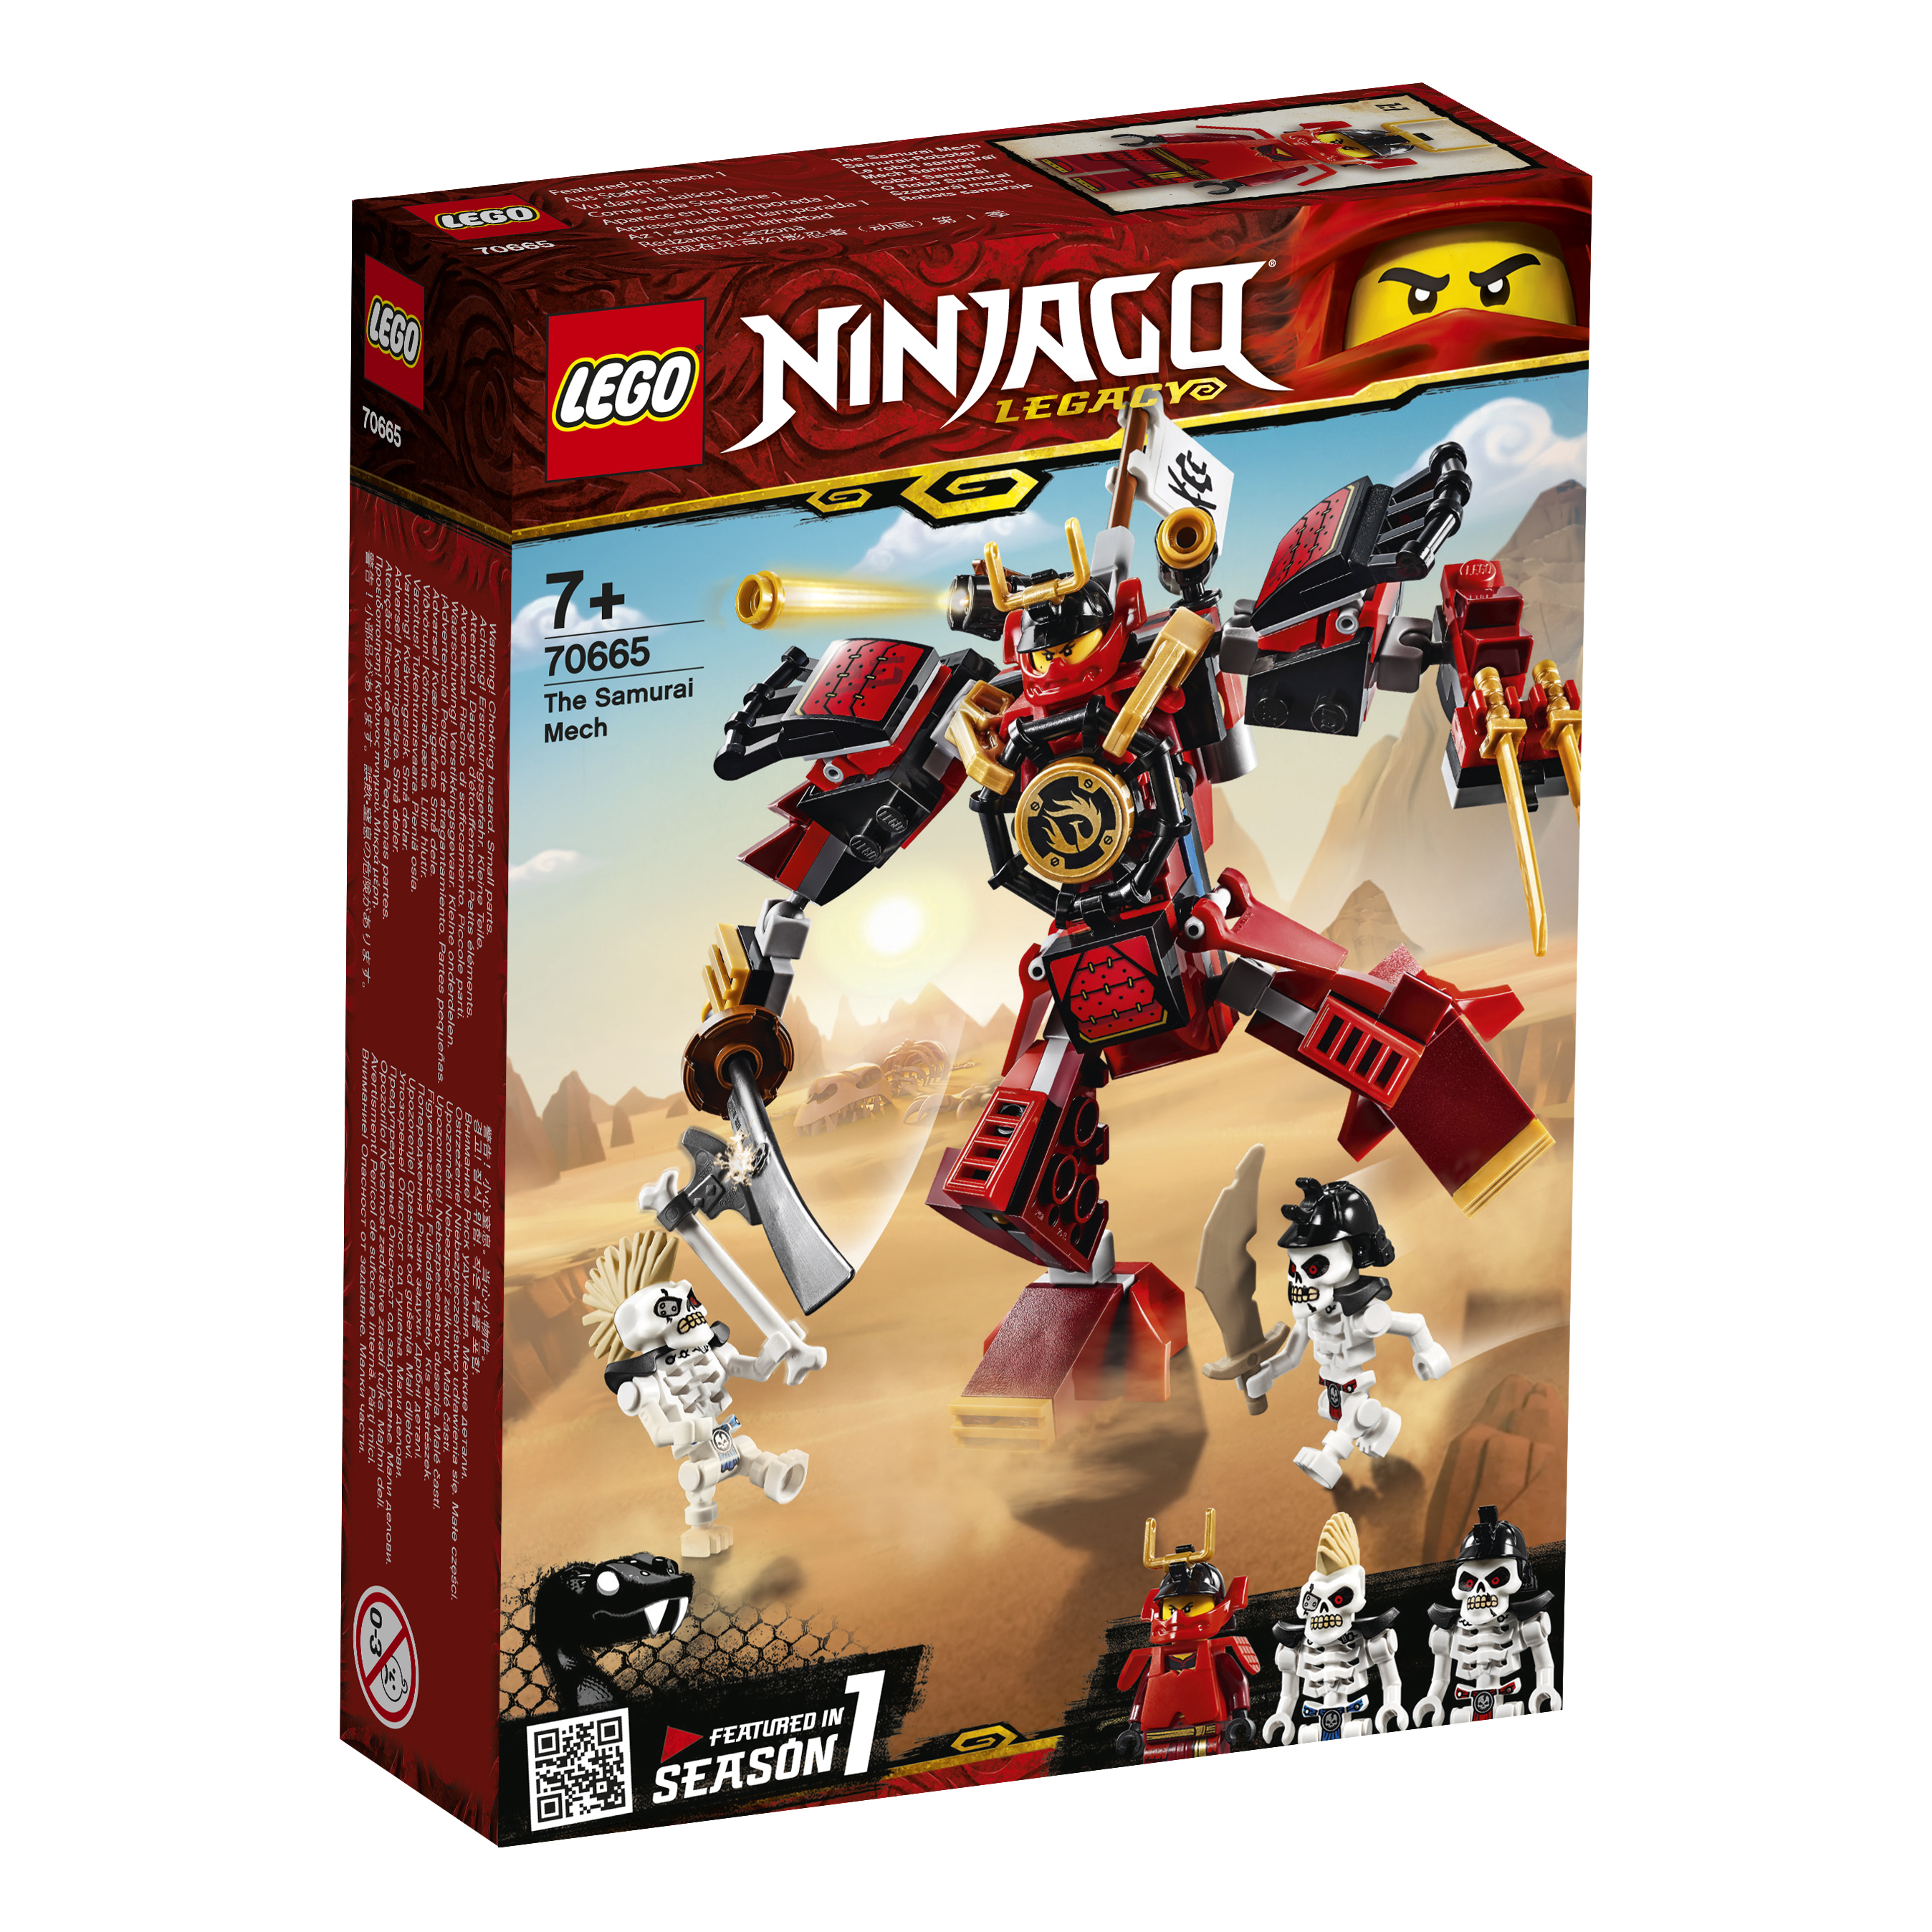 Конструктор LEGO Ninjago 70665 Робот-самурай lego lego ninjago 70665 робот самурай